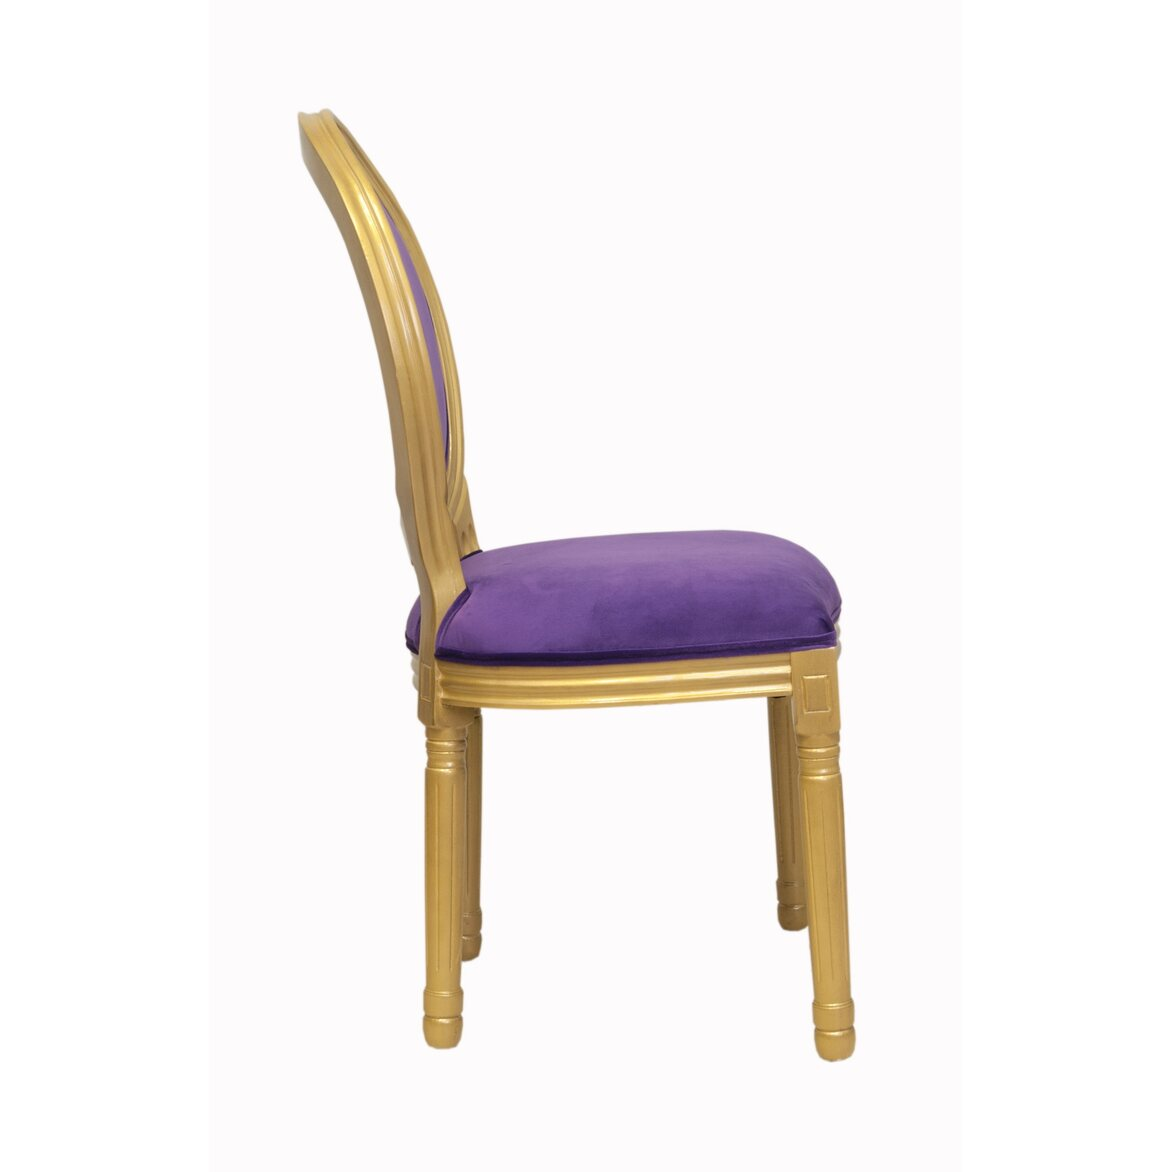 Стул Volker violet gold 2 | Обеденные стулья Kingsby